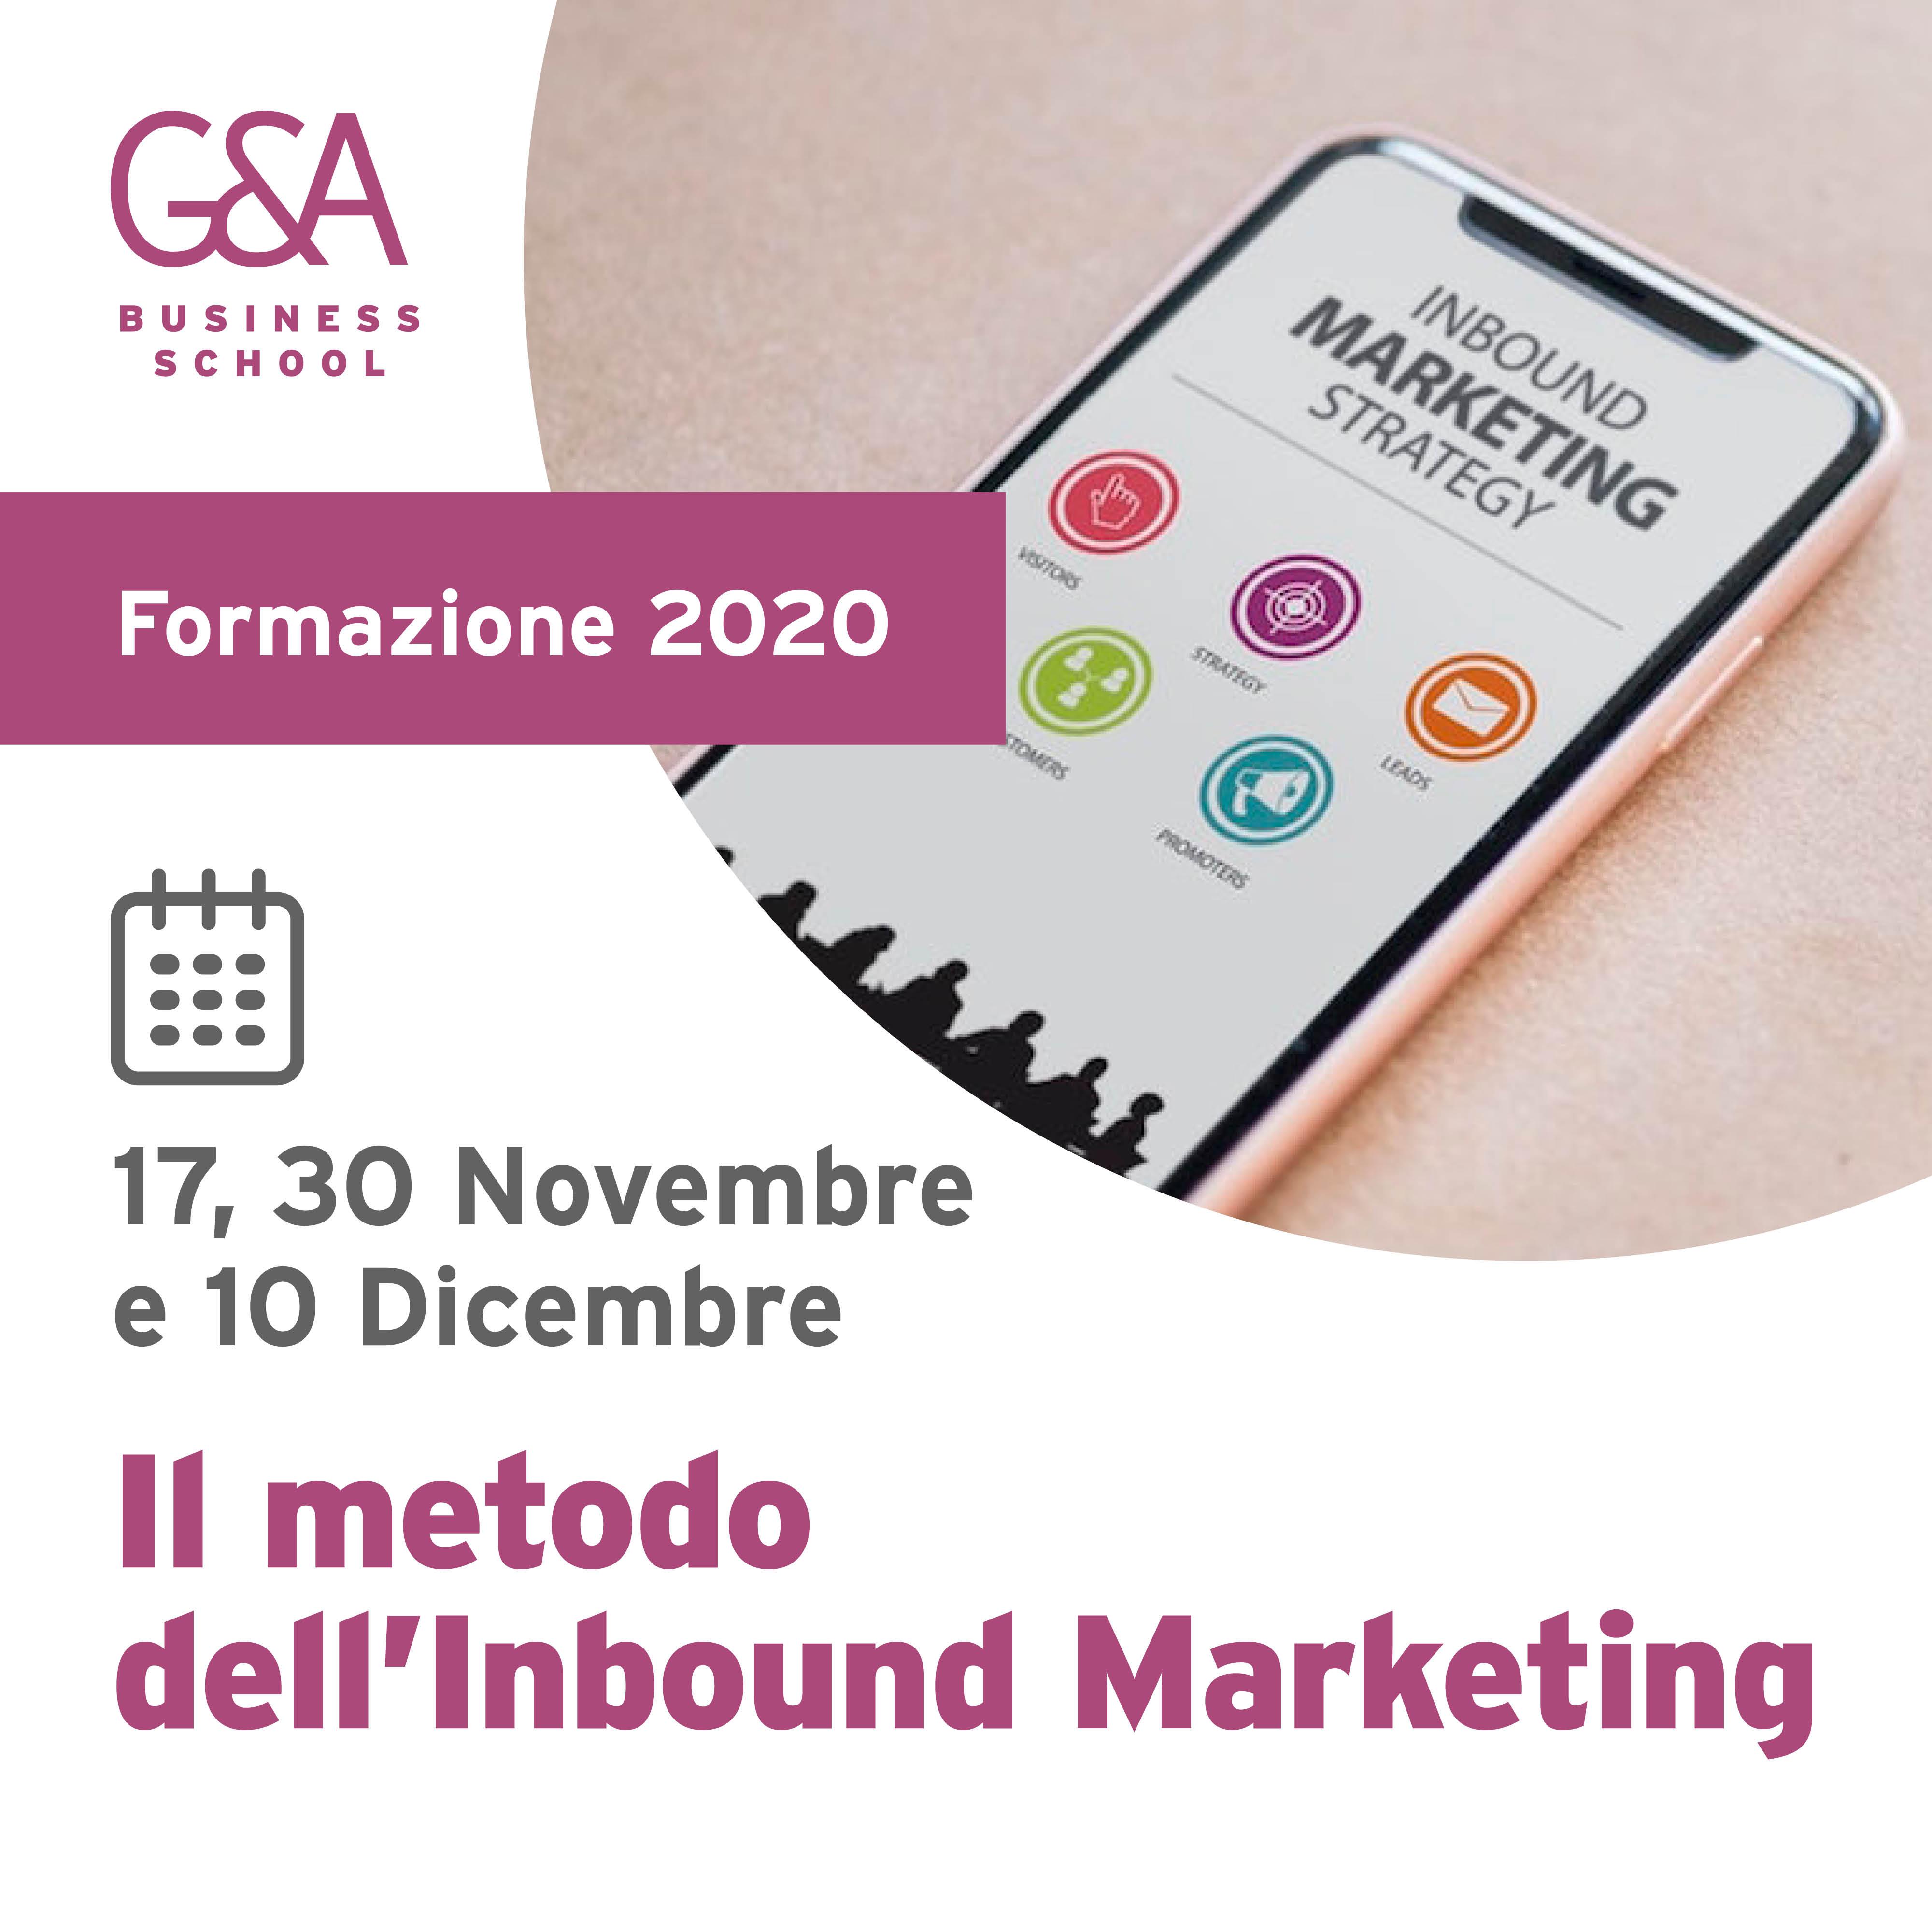 INVITI_SOCIAL_inbound-marketing_1